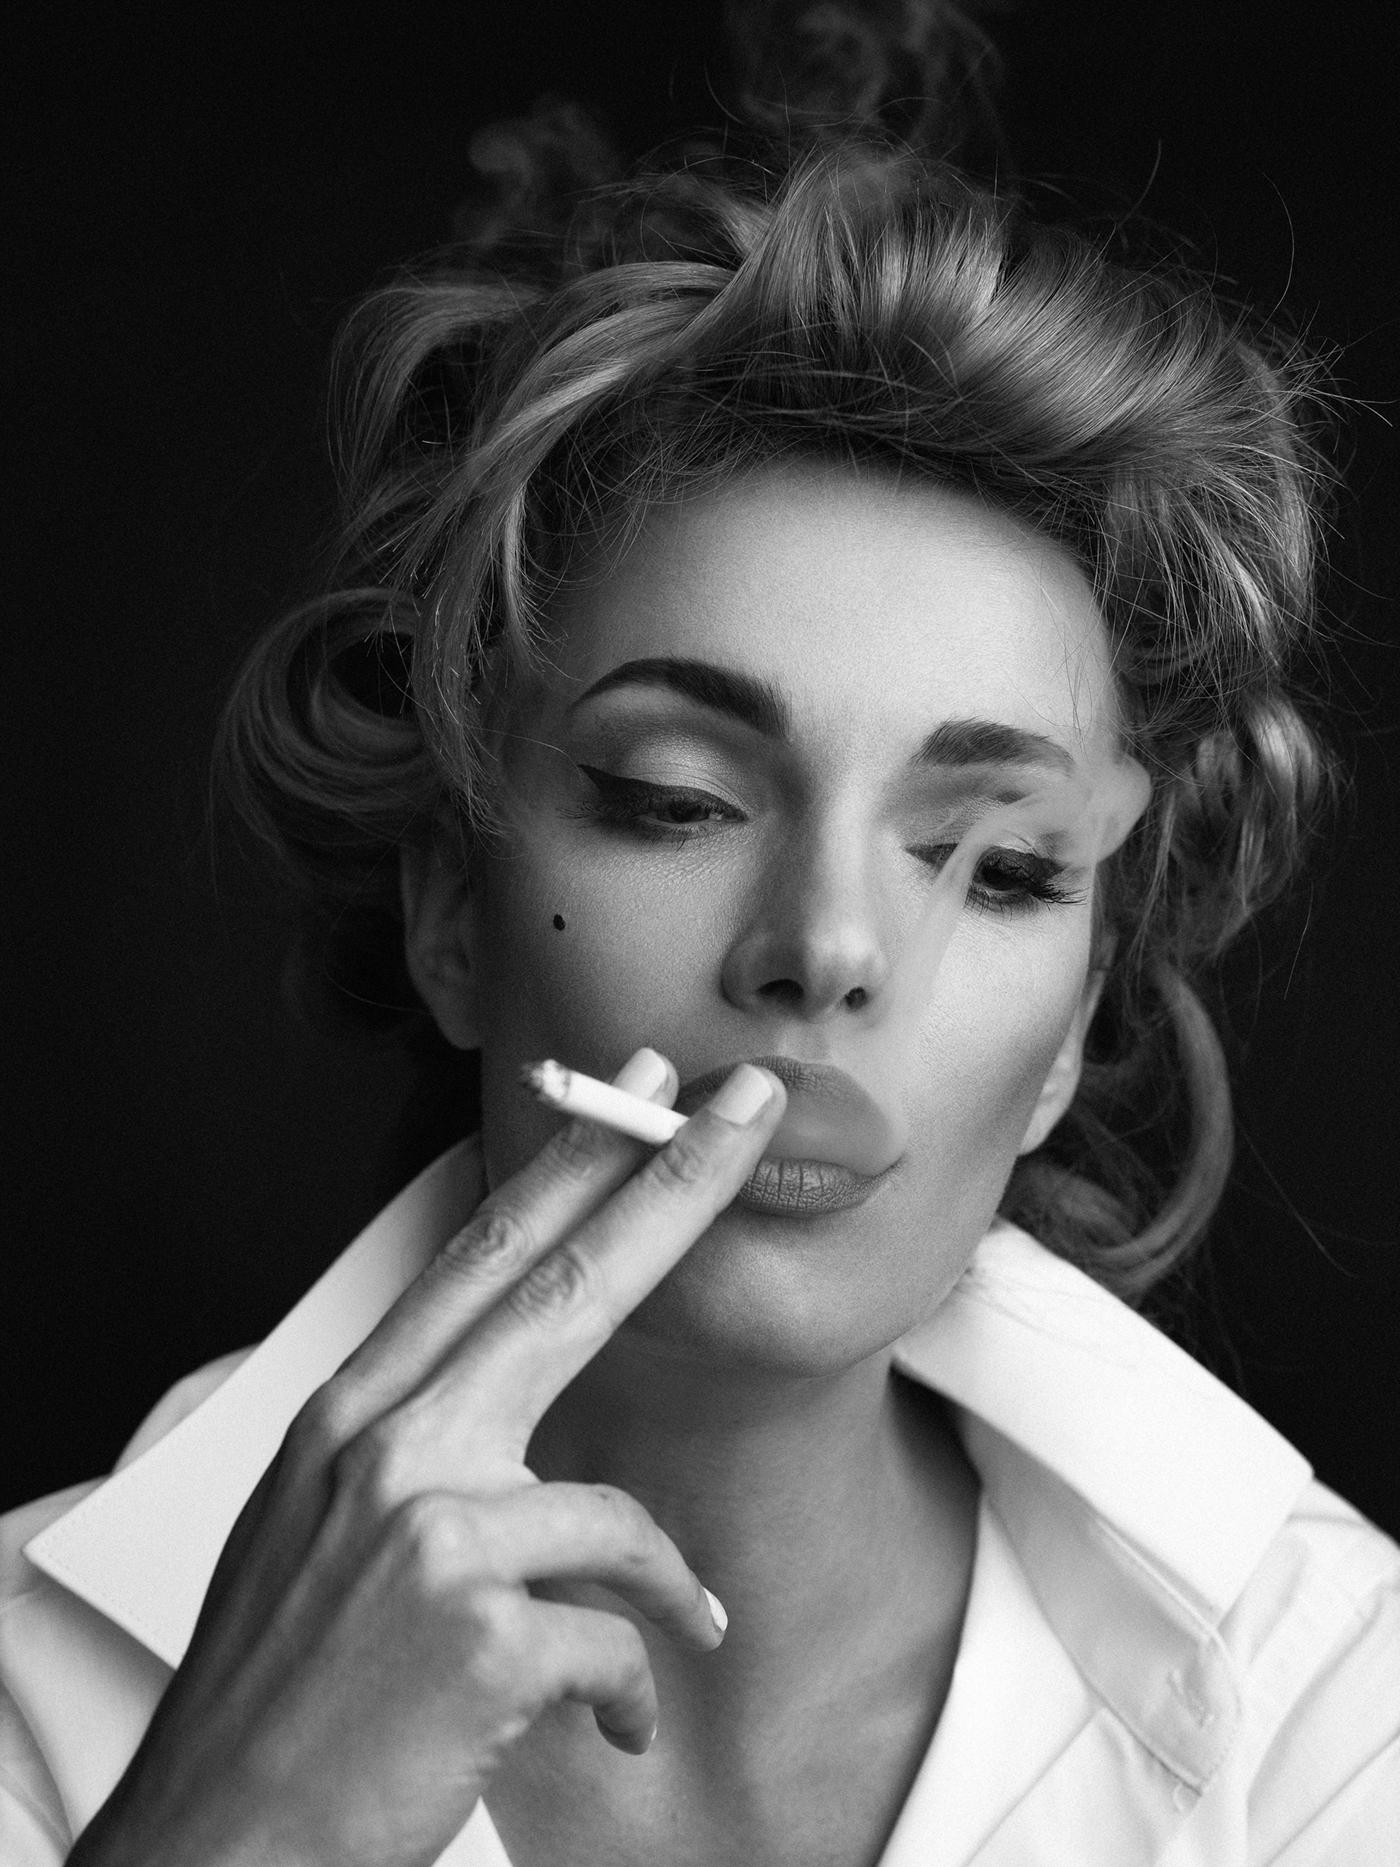 Открытка сделать, девушки с сигаретой красивые картинки